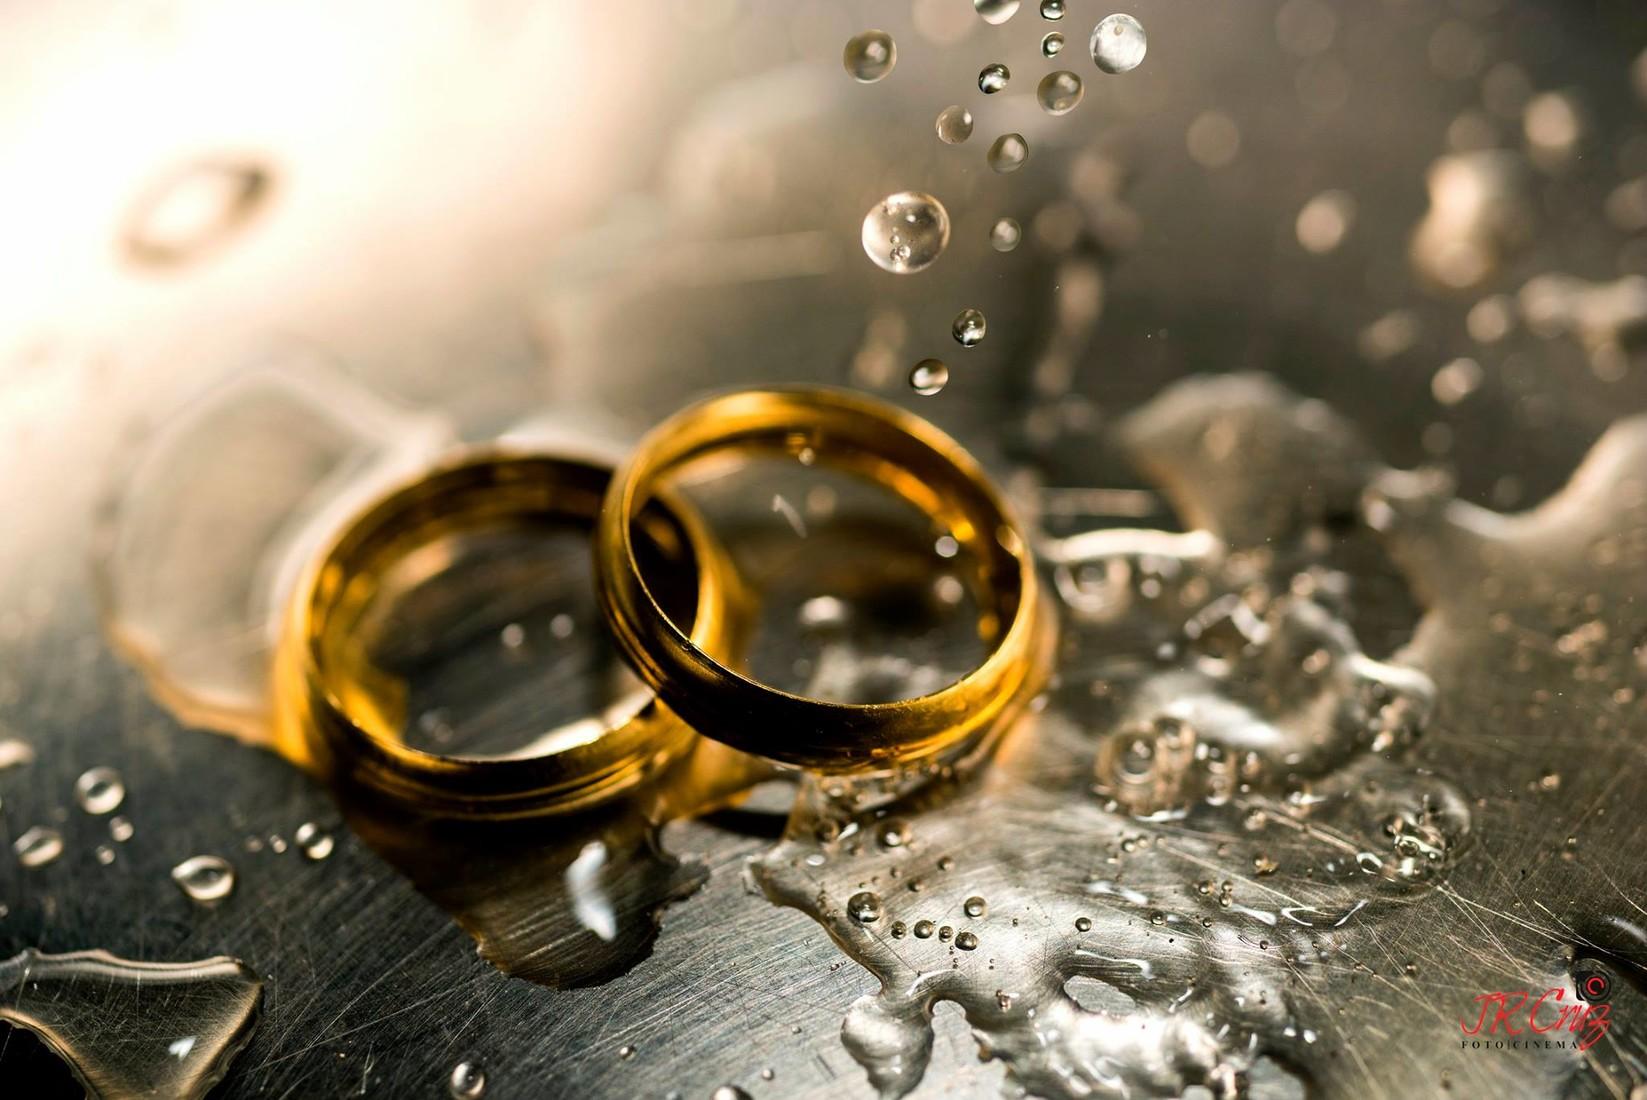 Contate Fotografia e Filmagem de casamento, 15 anos e em geral. Belém do Pará, JR cruz Fotografia e Cinema